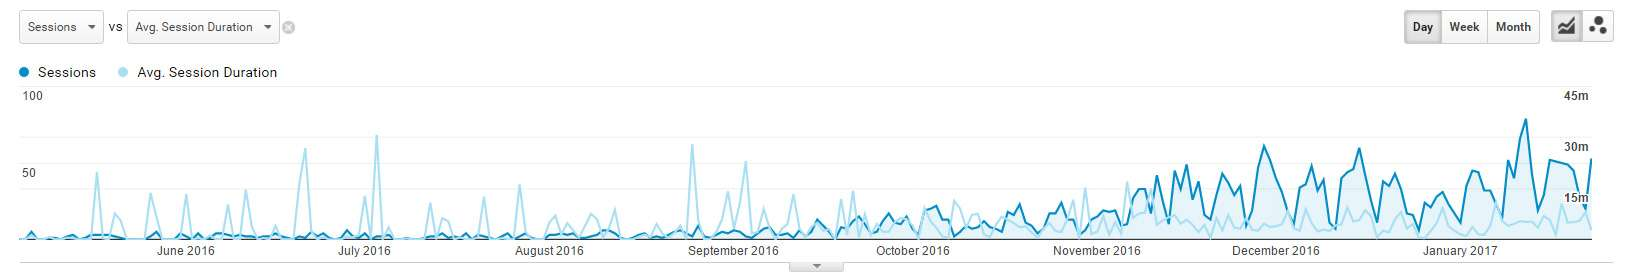 Αύξηση Οργανικού Traffic από τη Δημιουργία του Άρθρου (6/5/16) μέχρι τον Ιανουάριο 2017